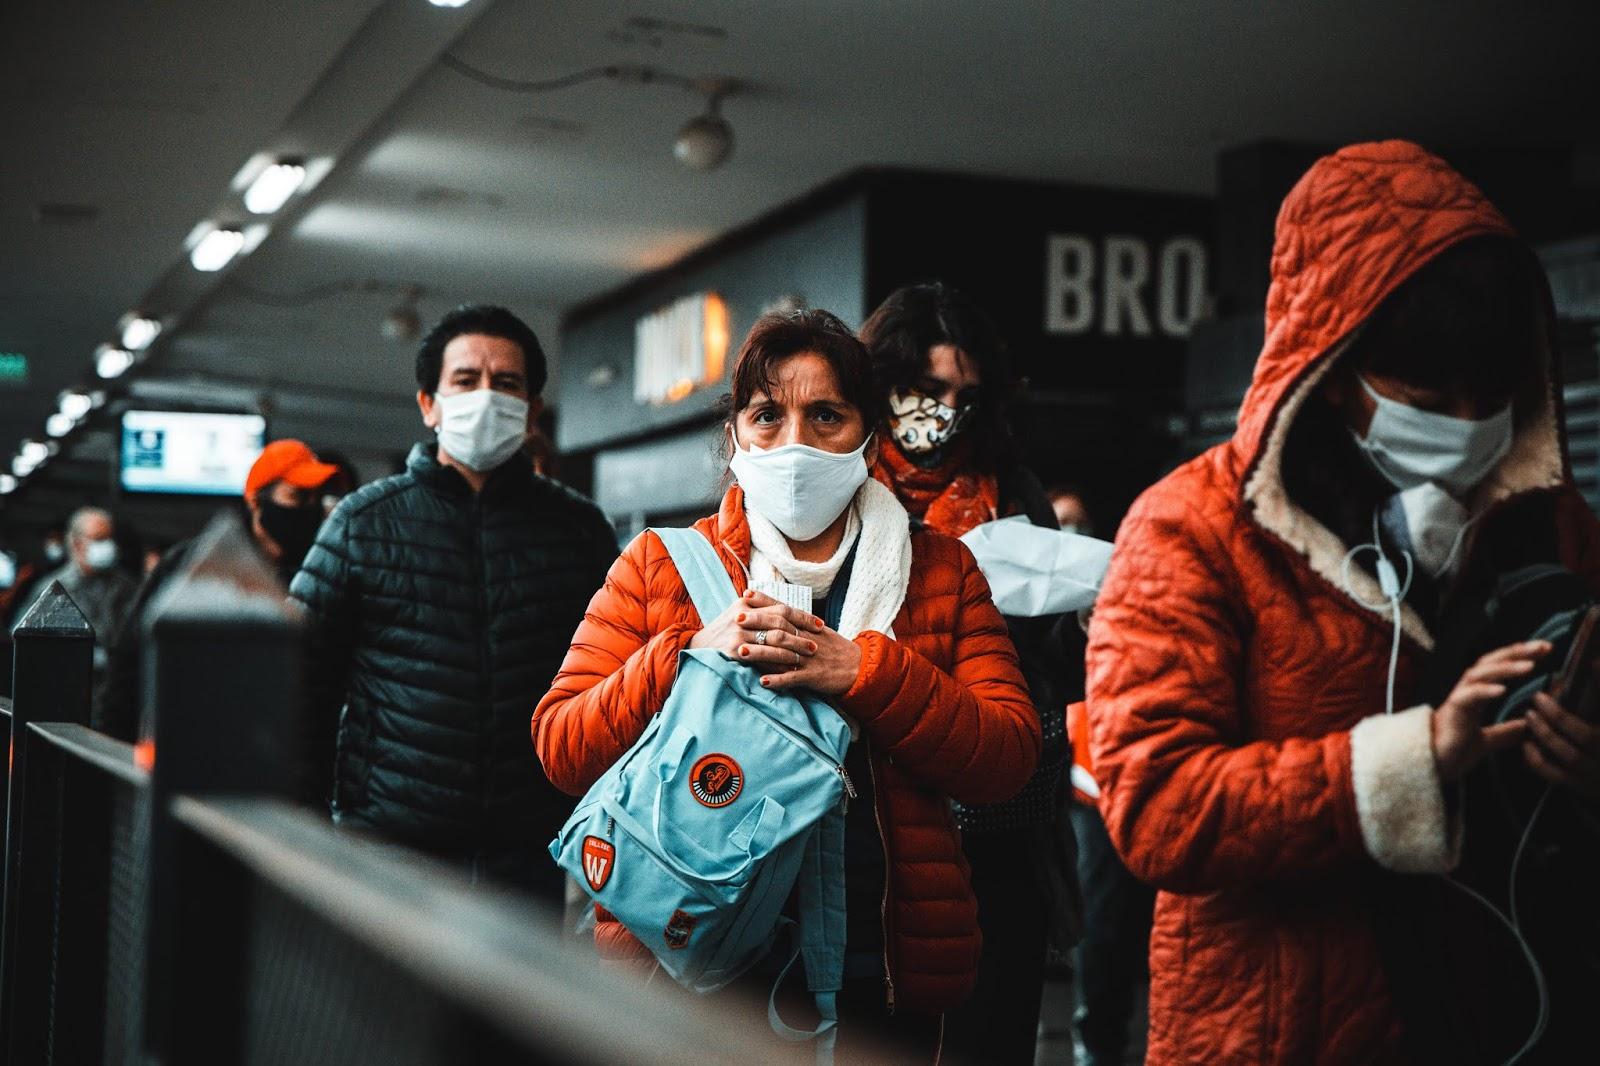 El peor dia de la pandemia en Argentina: 24 personas murieron y 255 fueron diagnosticadas con coronavirus en el país